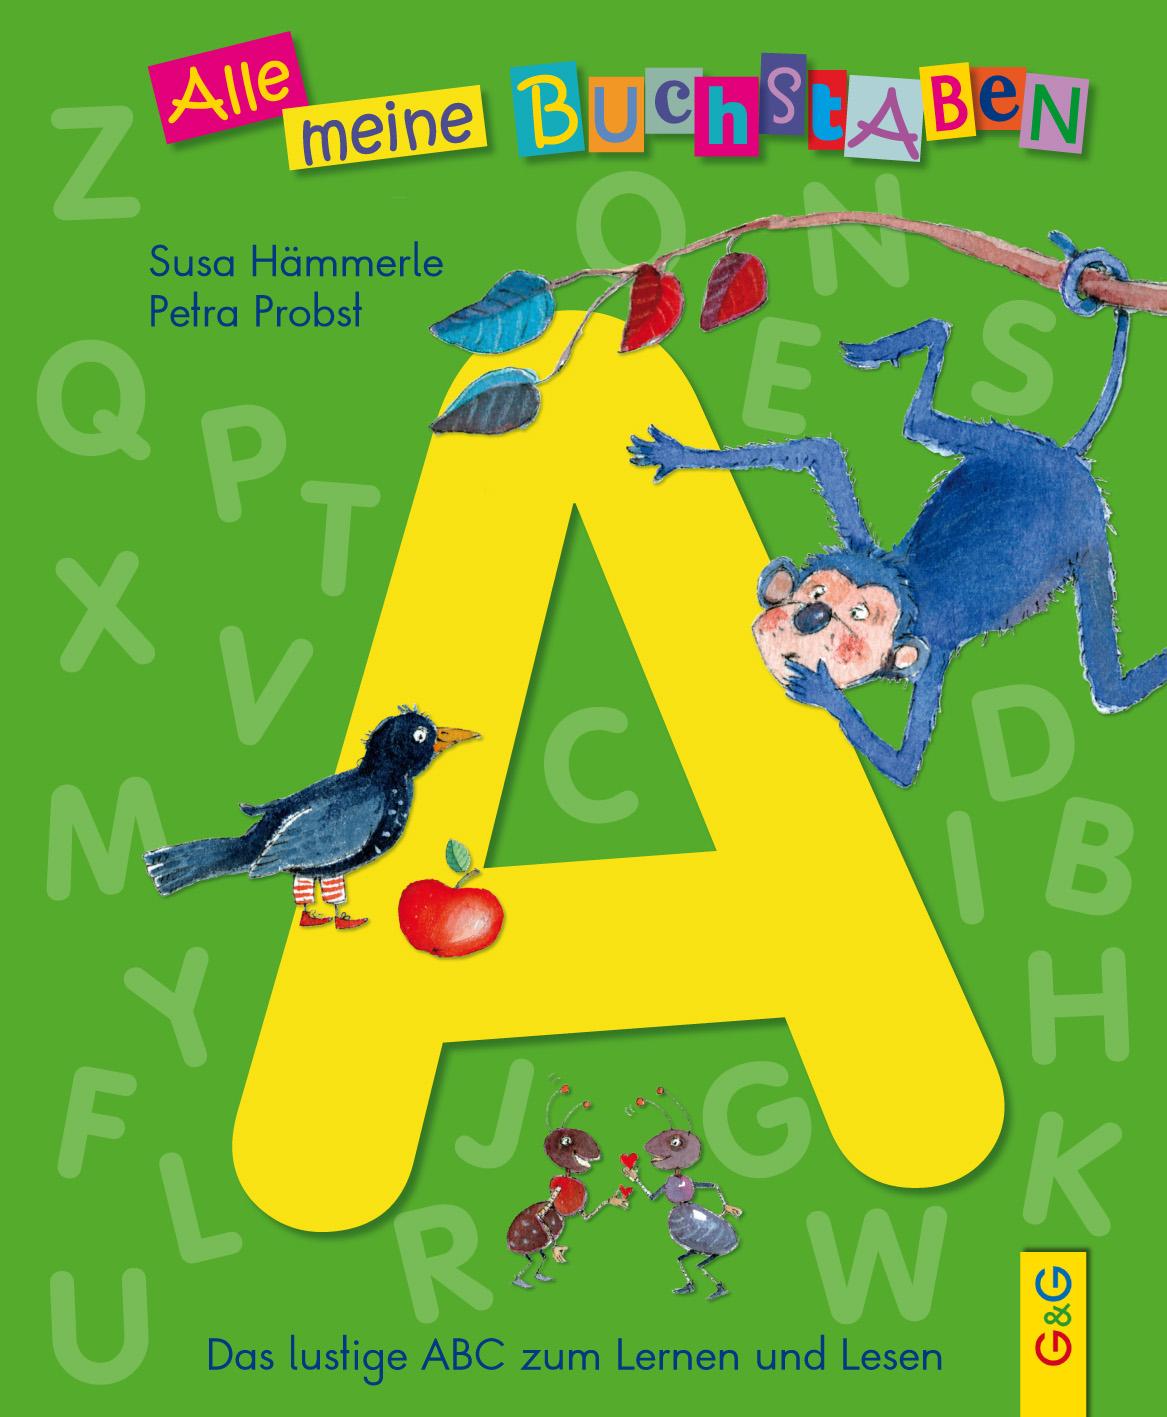 Alle meine Buchstaben – A – Das lustige ABC zum Lernen und Lesen ...